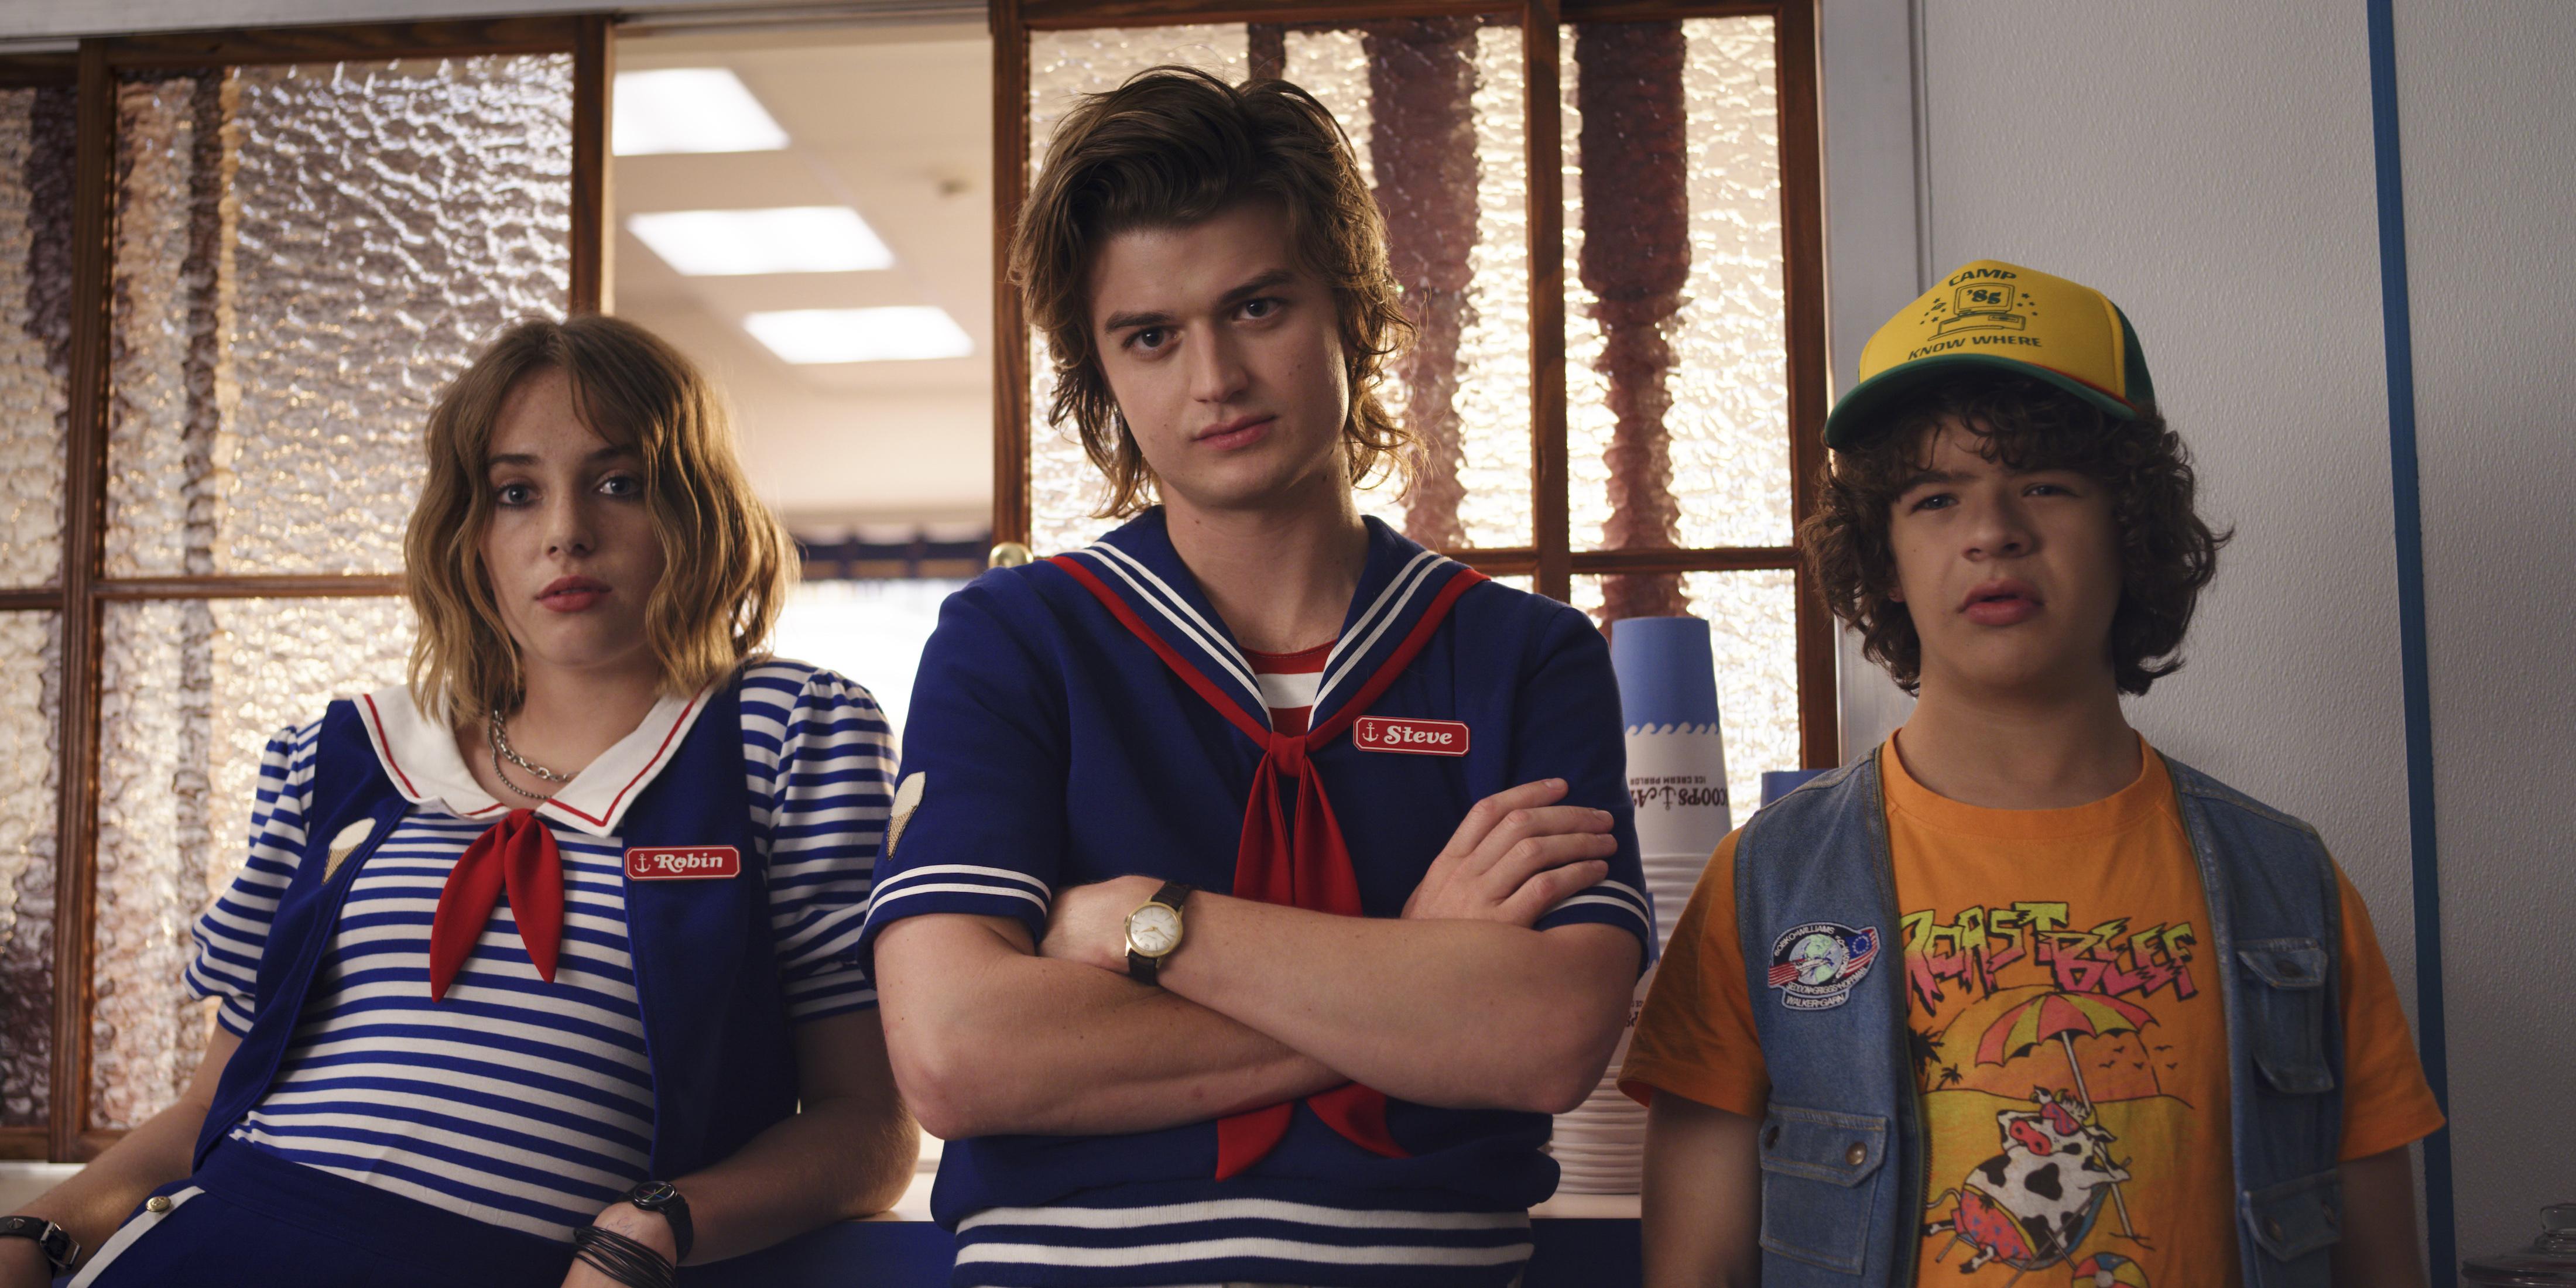 Robin, Steve, and Dustin in Stranger Things 3